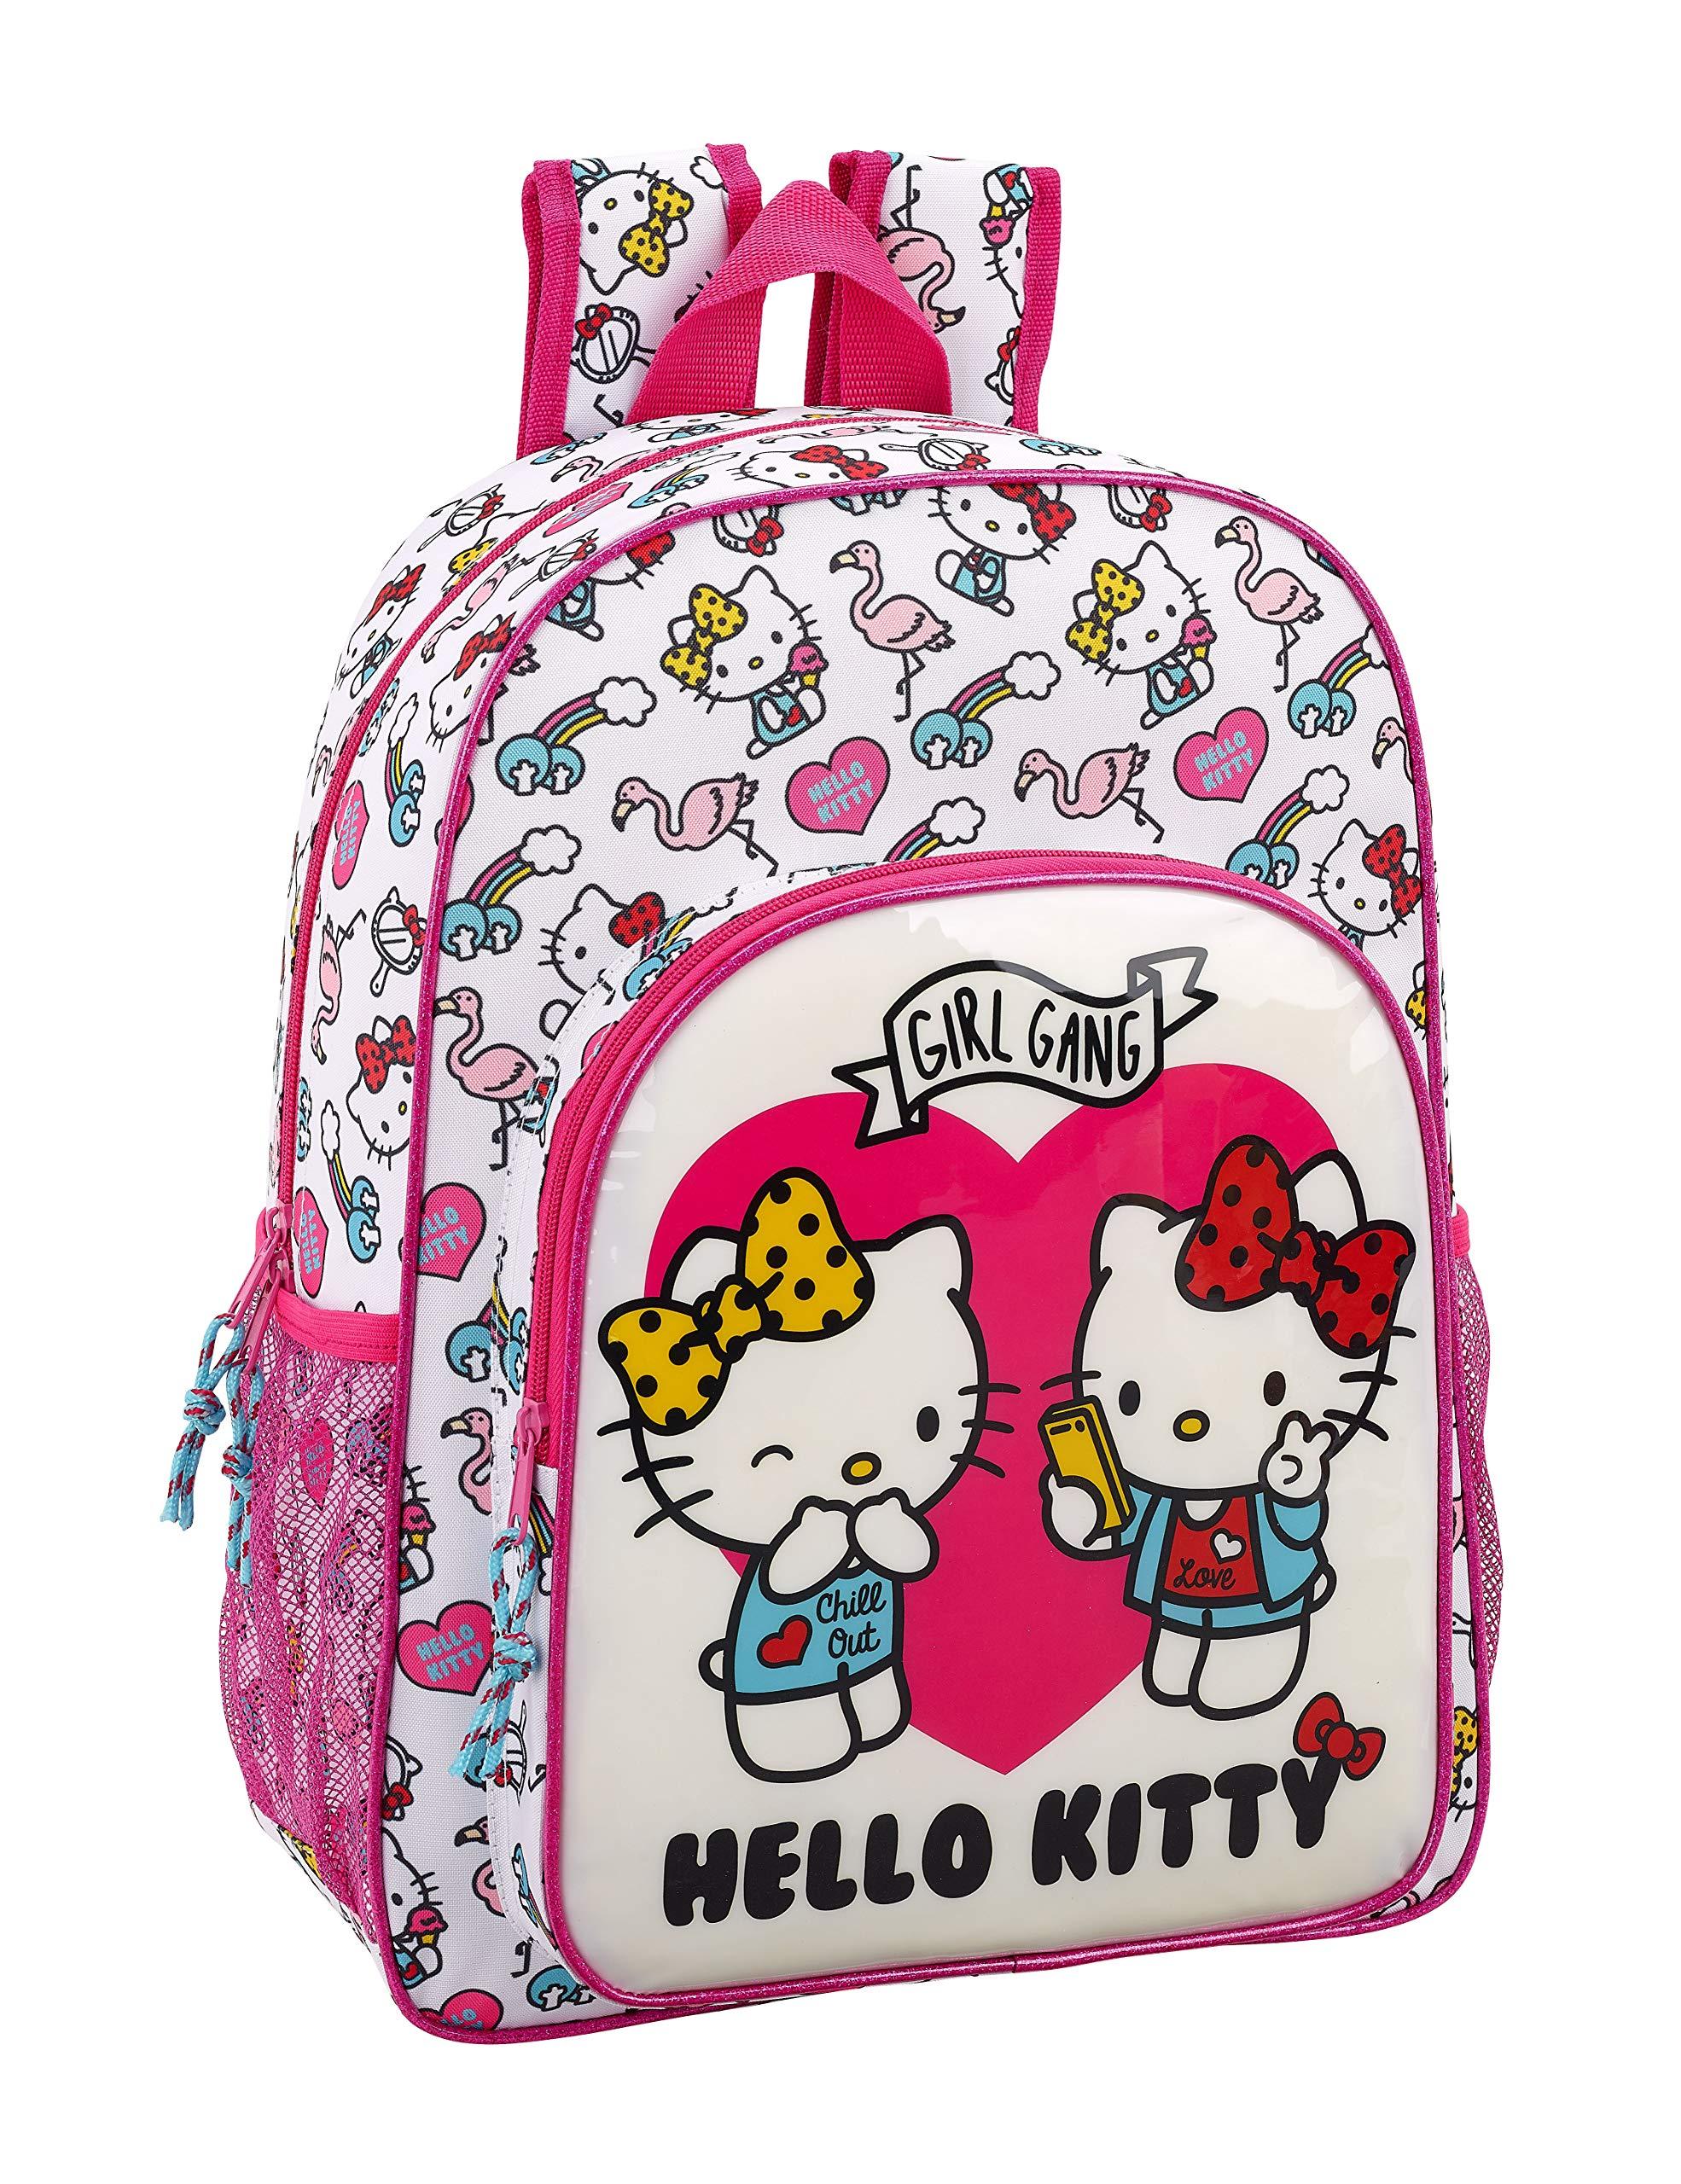 91WJK5y9DgL - Hello Kitty Mochila Grande Adaptable a Carro, 42 cm, Rosa/Blanco